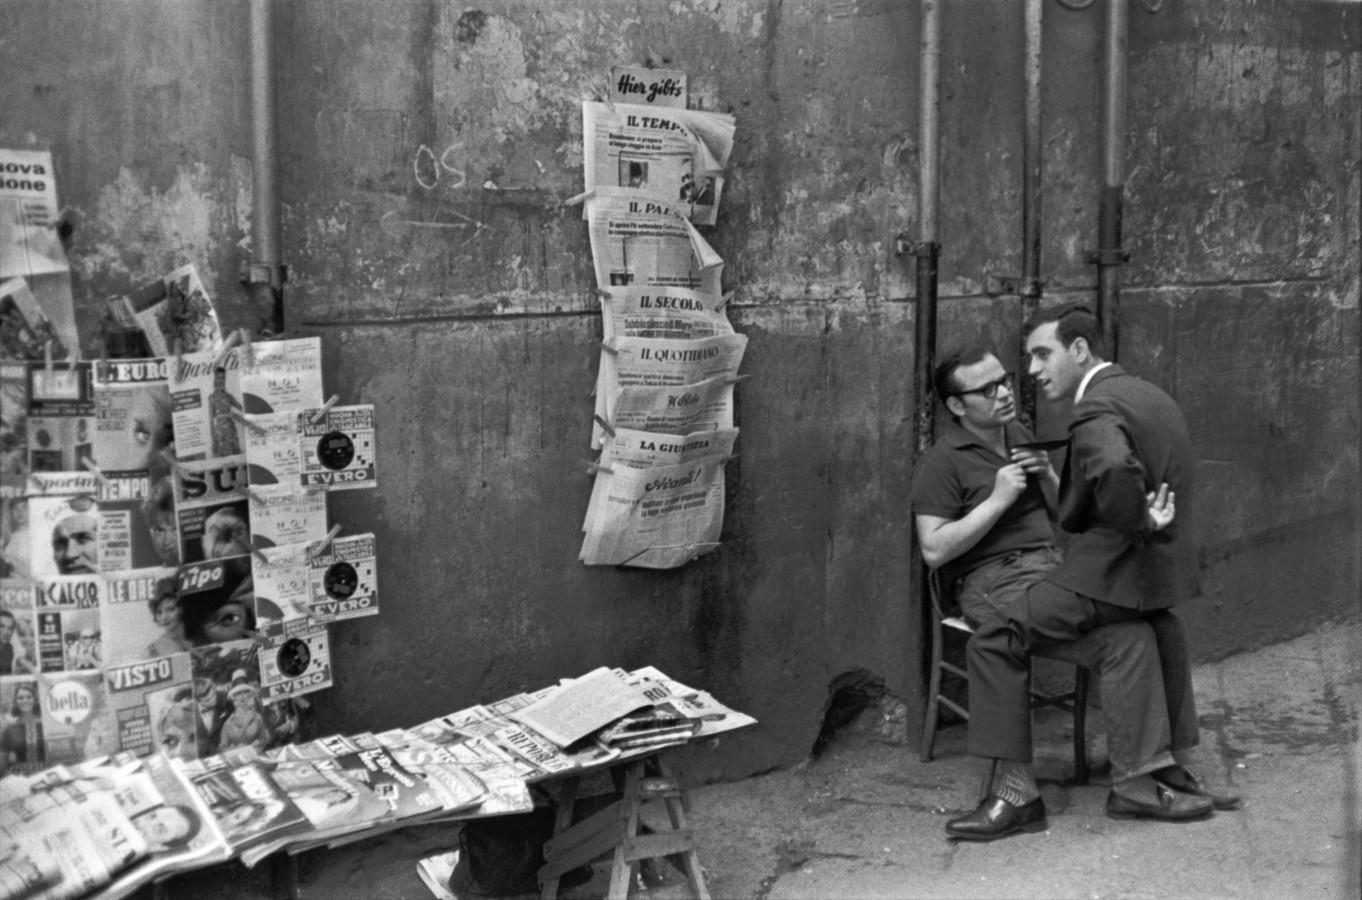 Melhores-fotógrafos-Henri-Cartier-Bresson2